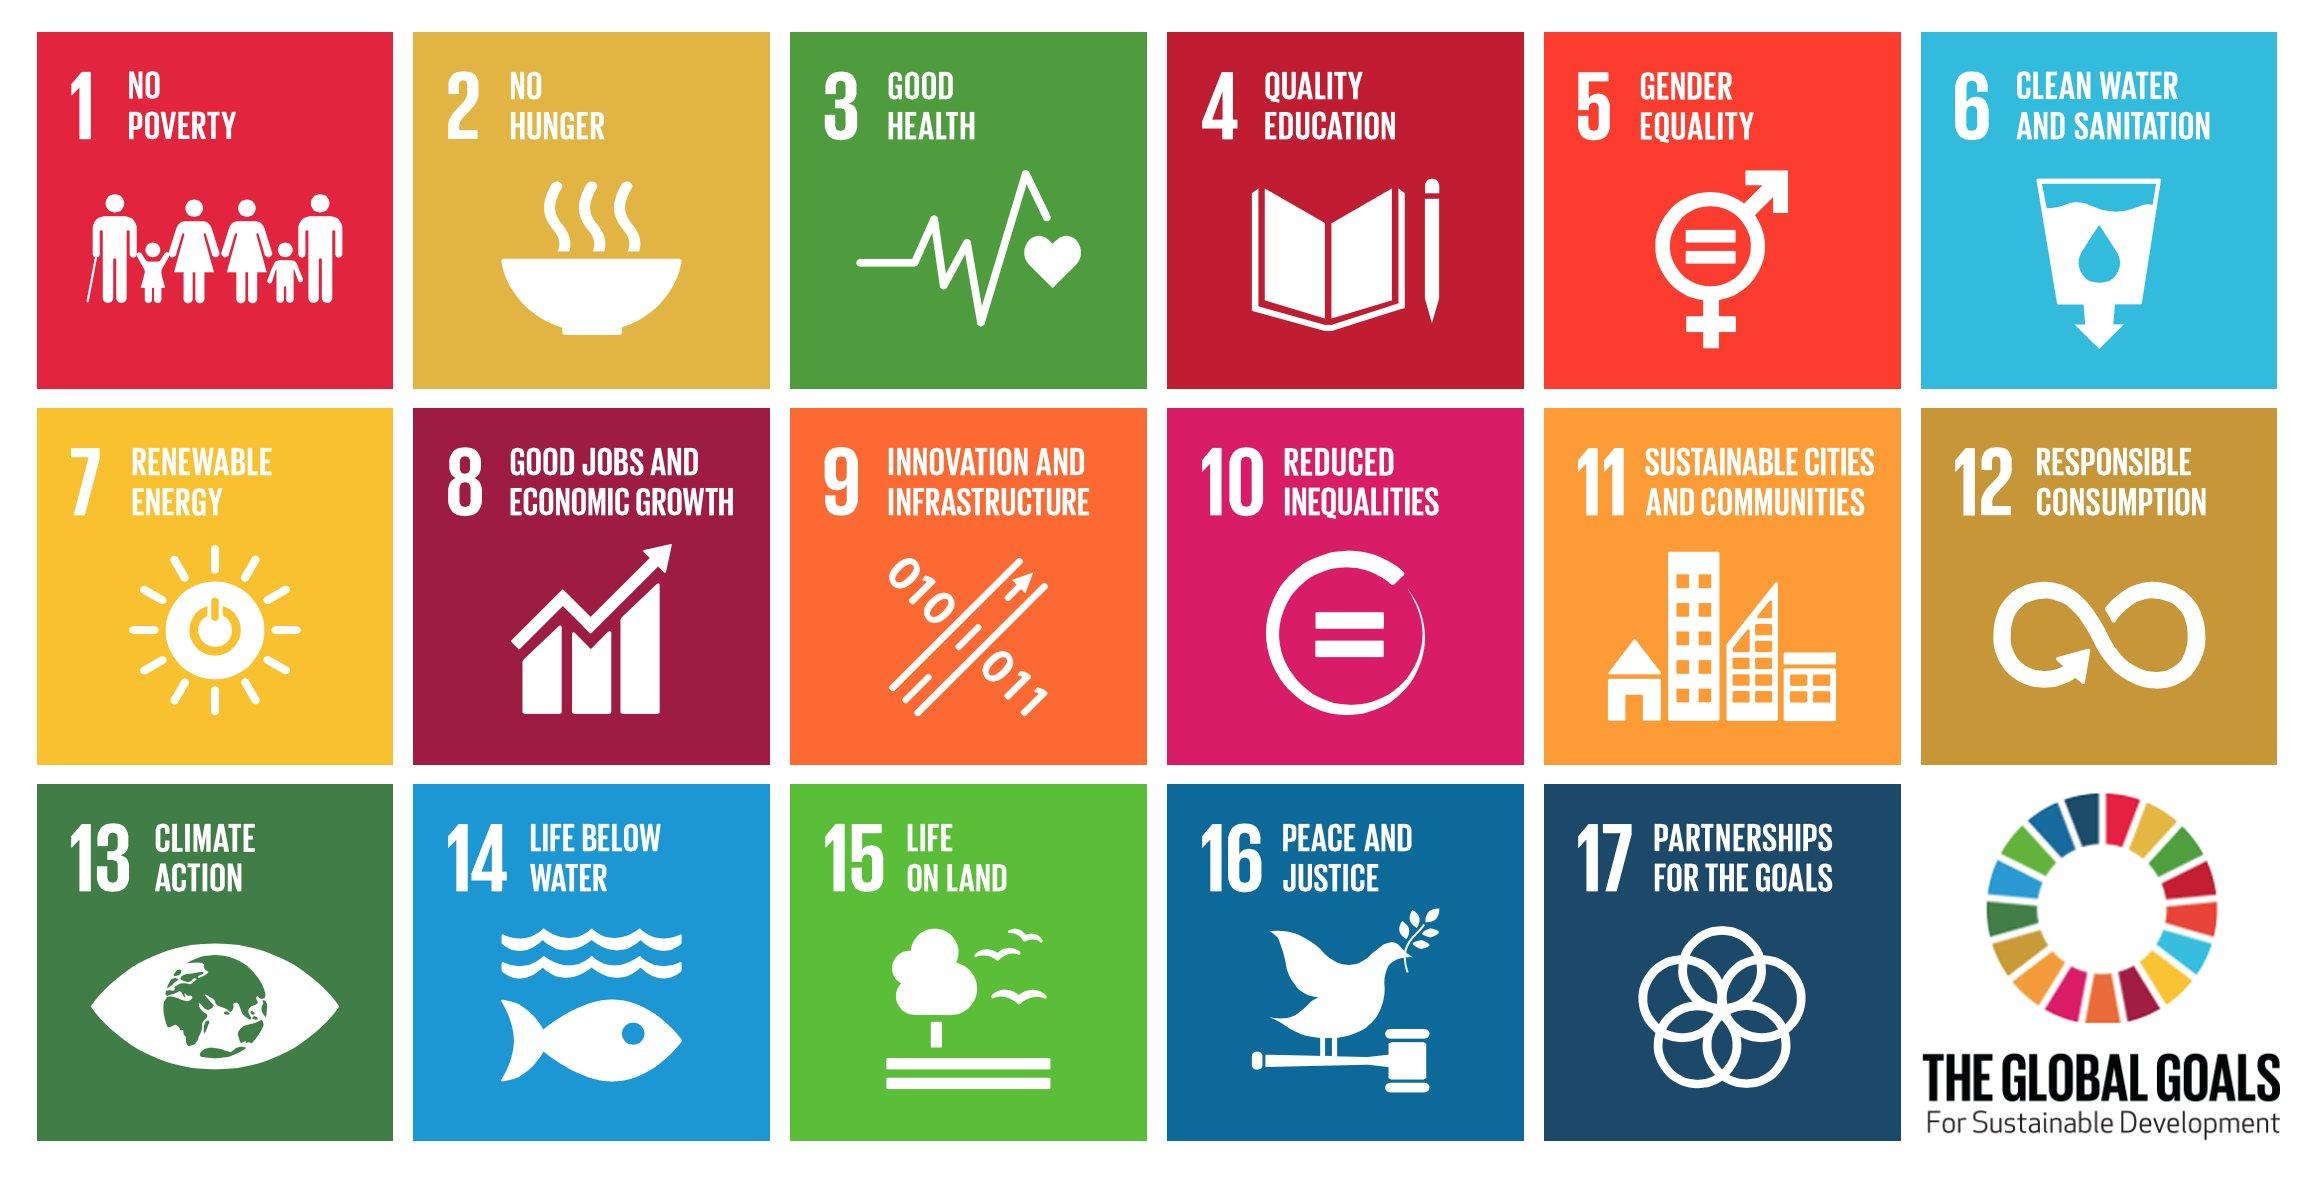 Global Goals.jpg